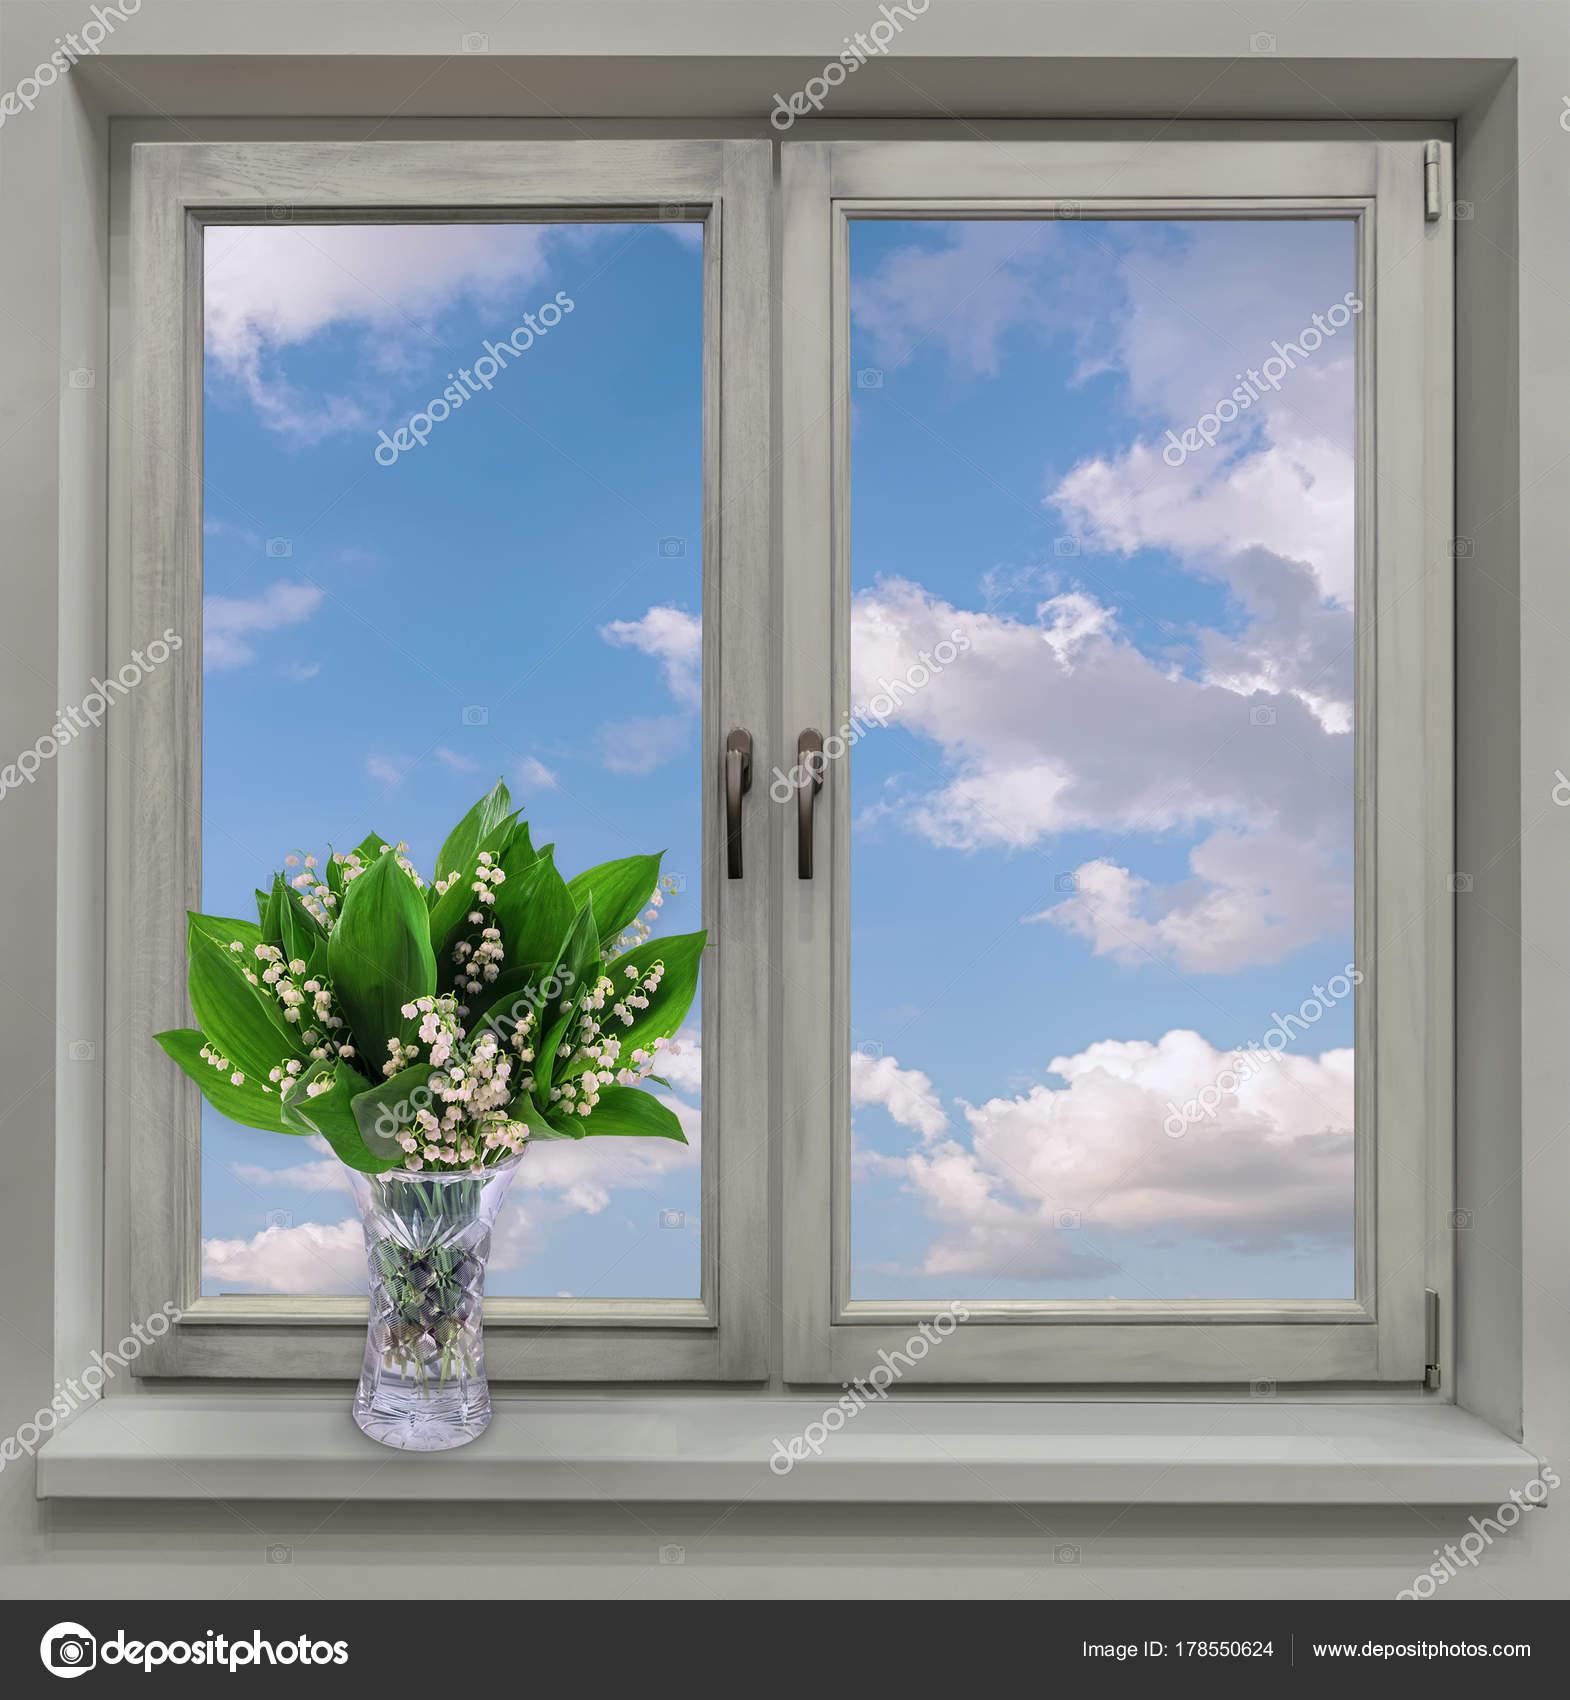 Vistas desde una ventana interesting una ventana con vistas al verano with vistas desde una - La finestra biz ...